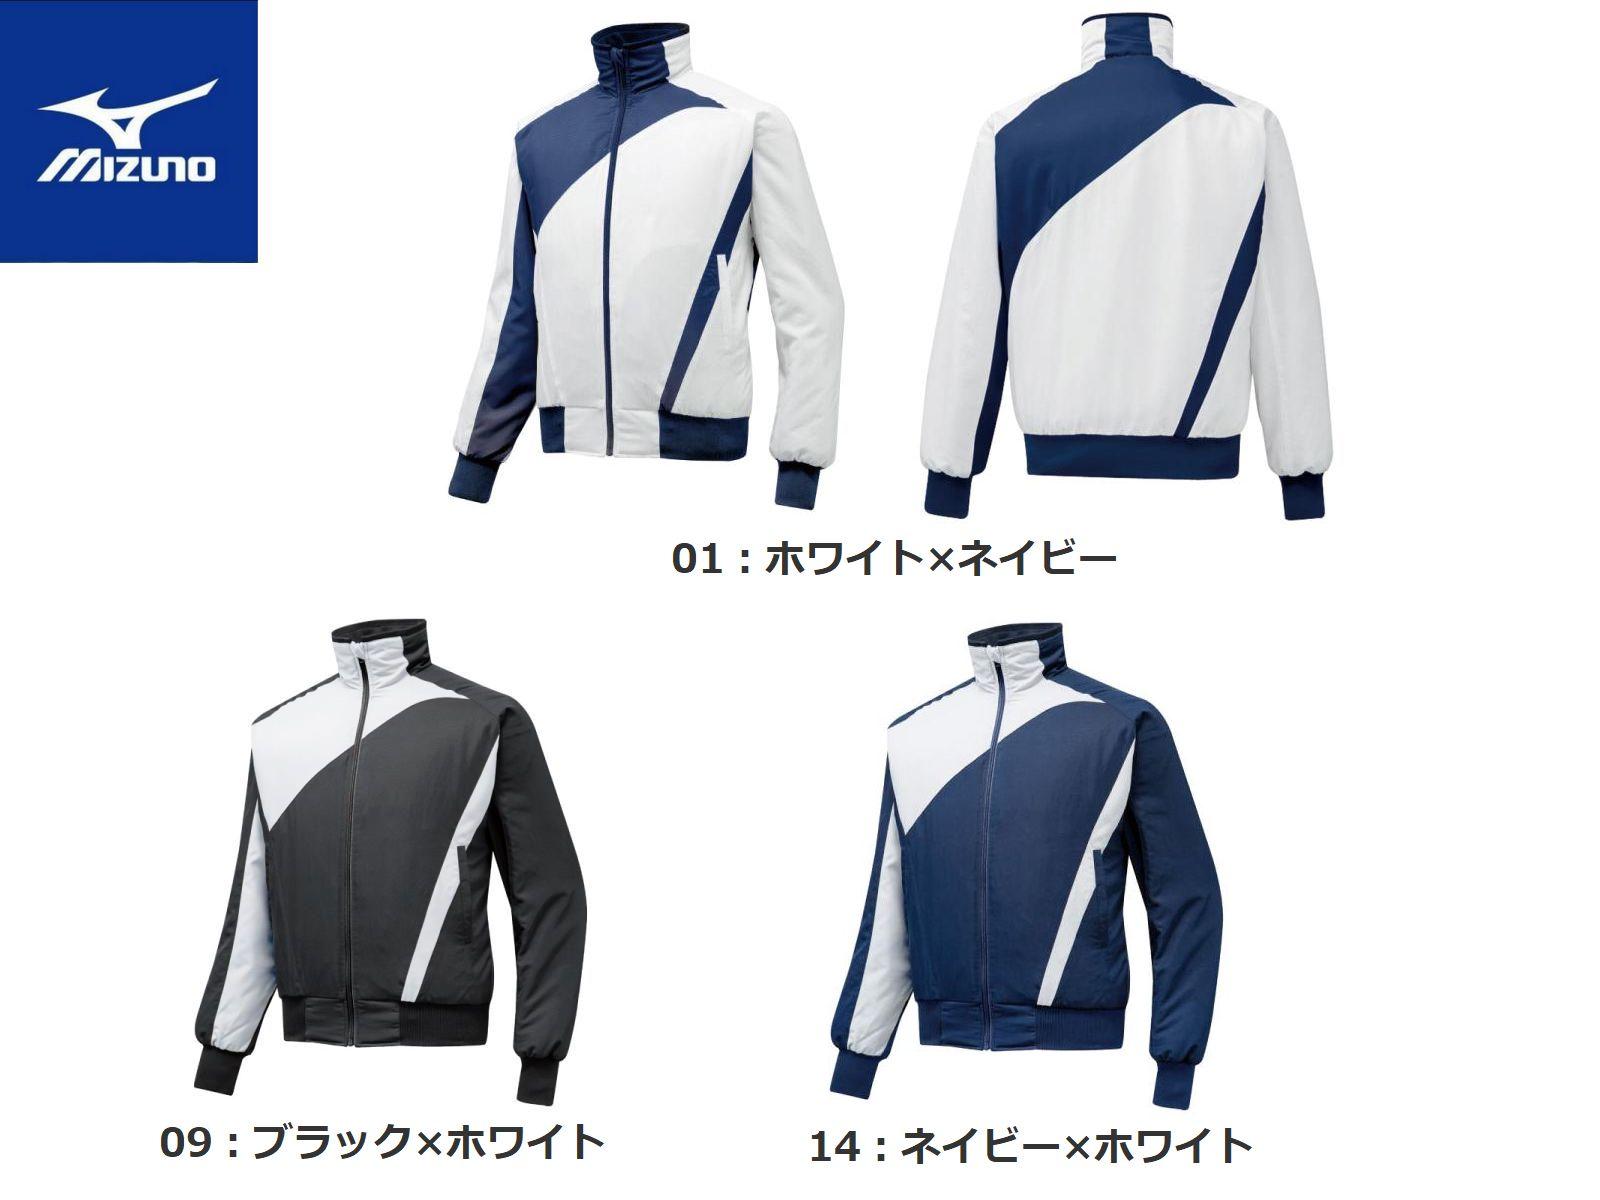 【Mizuno=ミズノ】グラウンドコート(2014世界モデル)[メンズ]【ホワイト×ネイビー】【ブラック×ホワイト】【ネイビー×ホワイト】[サイズ:S、M、L、O、XO] トレーニング オールスポーツ対応! スポーツ観戦等お出かけにも!